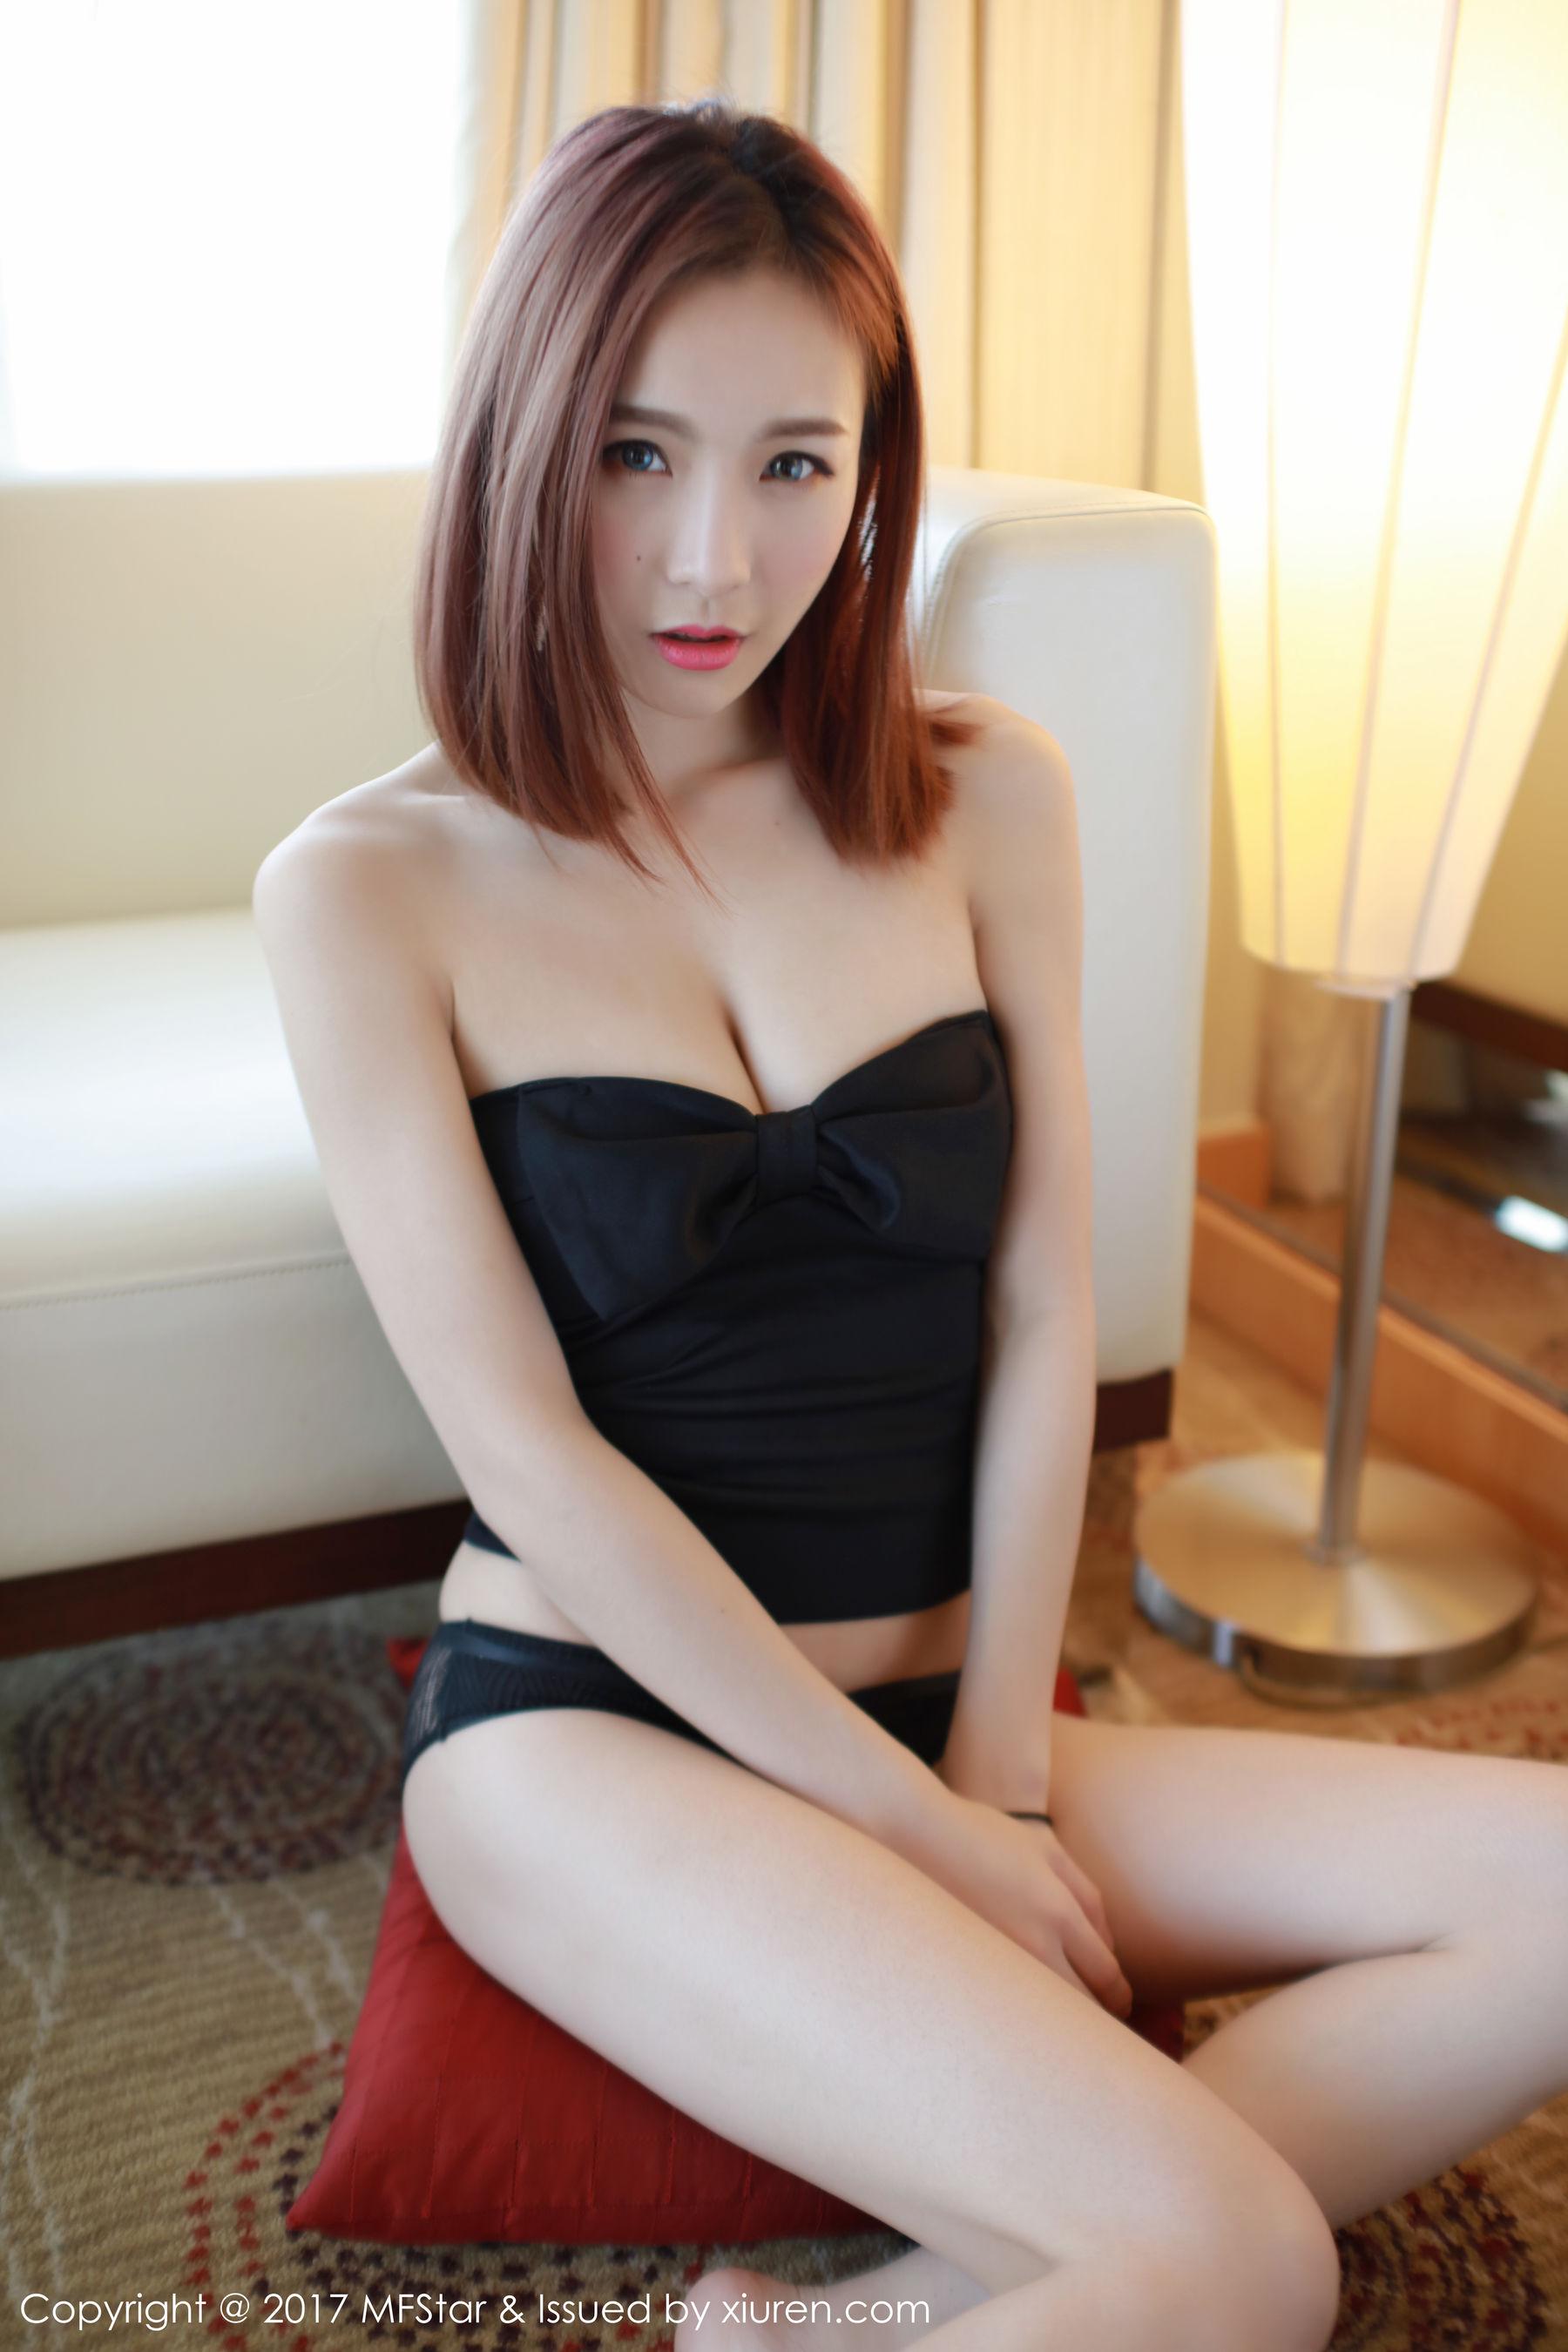 [嗲囡囡] 徐子睿 柔情似水的气质型美女 高清写真套图